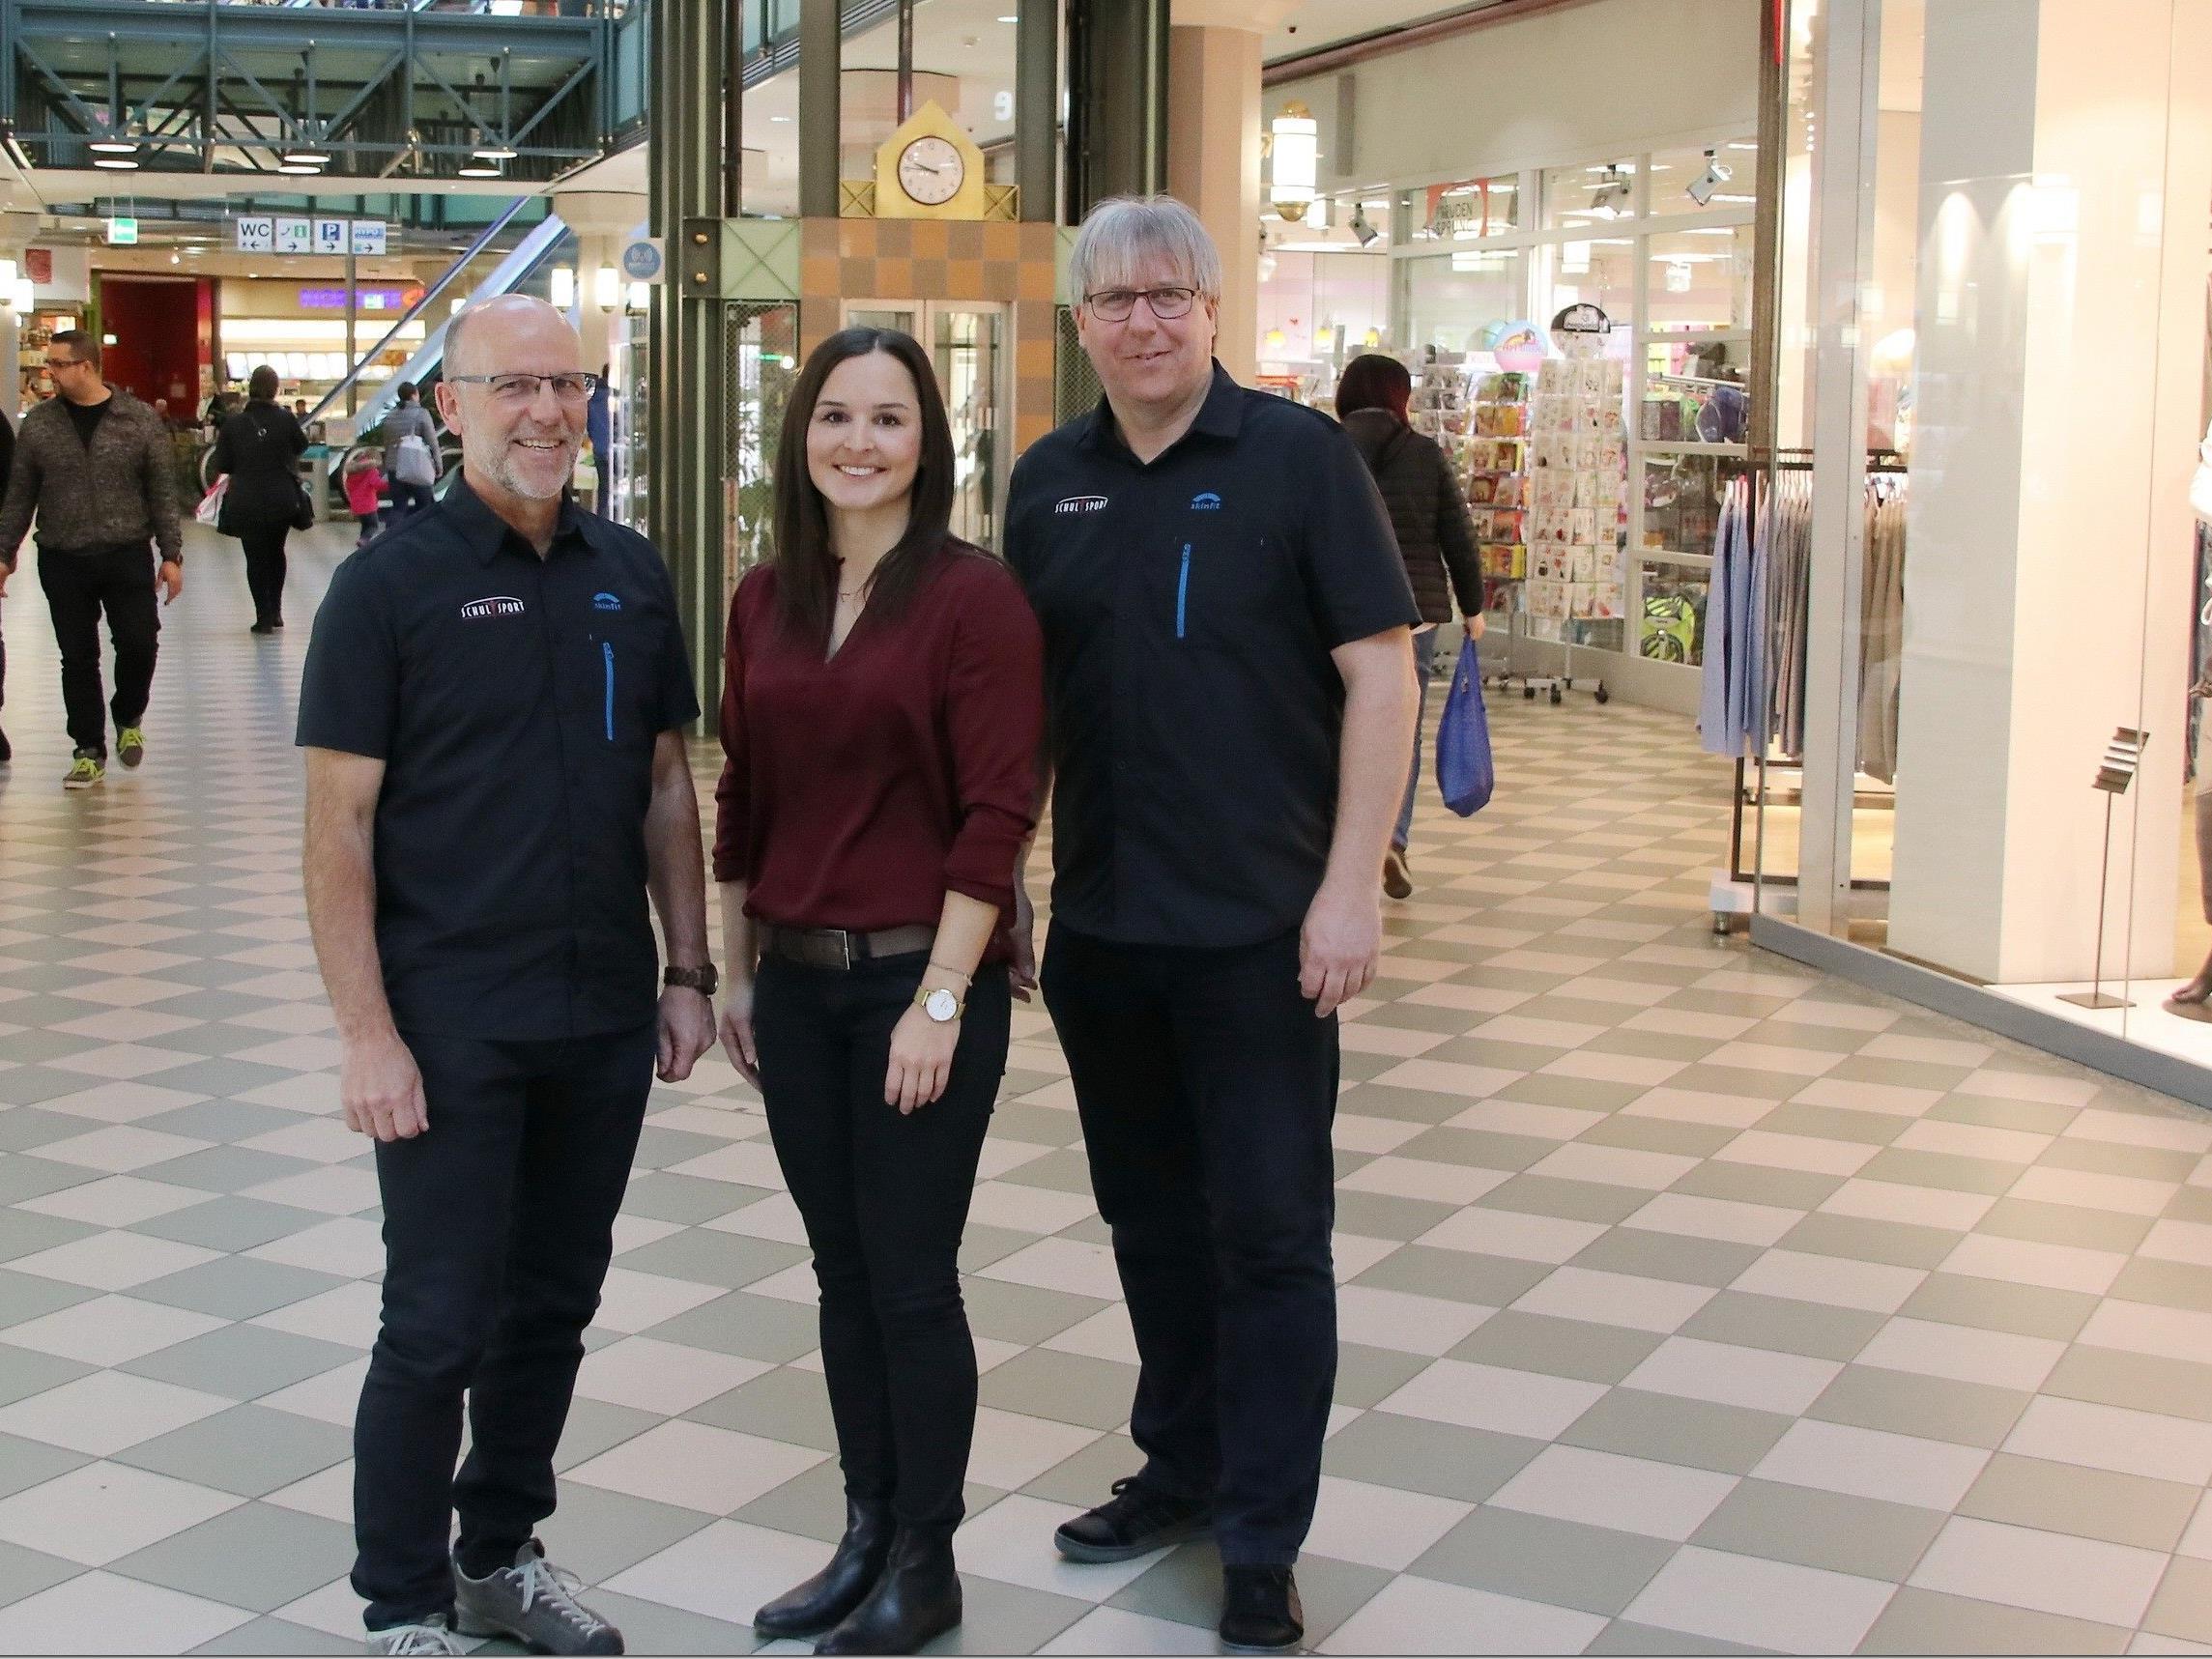 Messepark Marketingleiterin Eva Voit mit Christoph Neyer und Conny Berchtold vom Schulsport Vorarlberg